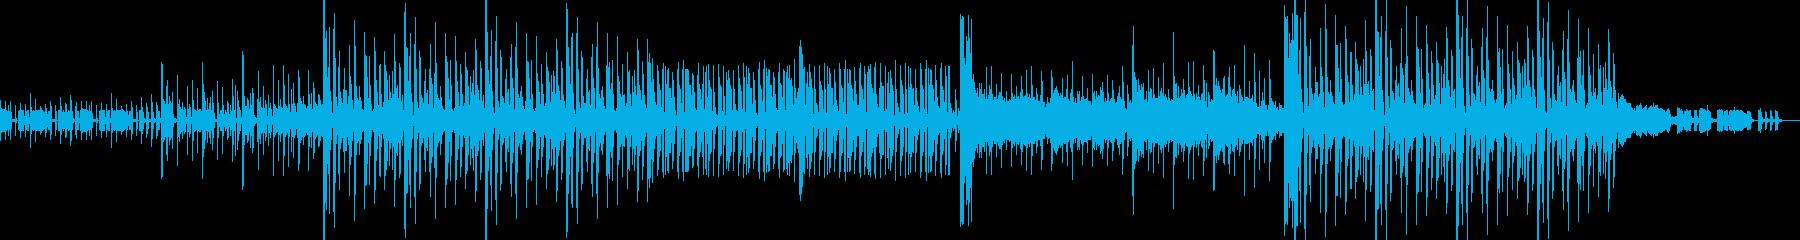 テンションの上がるエレクトロックなBGMの再生済みの波形